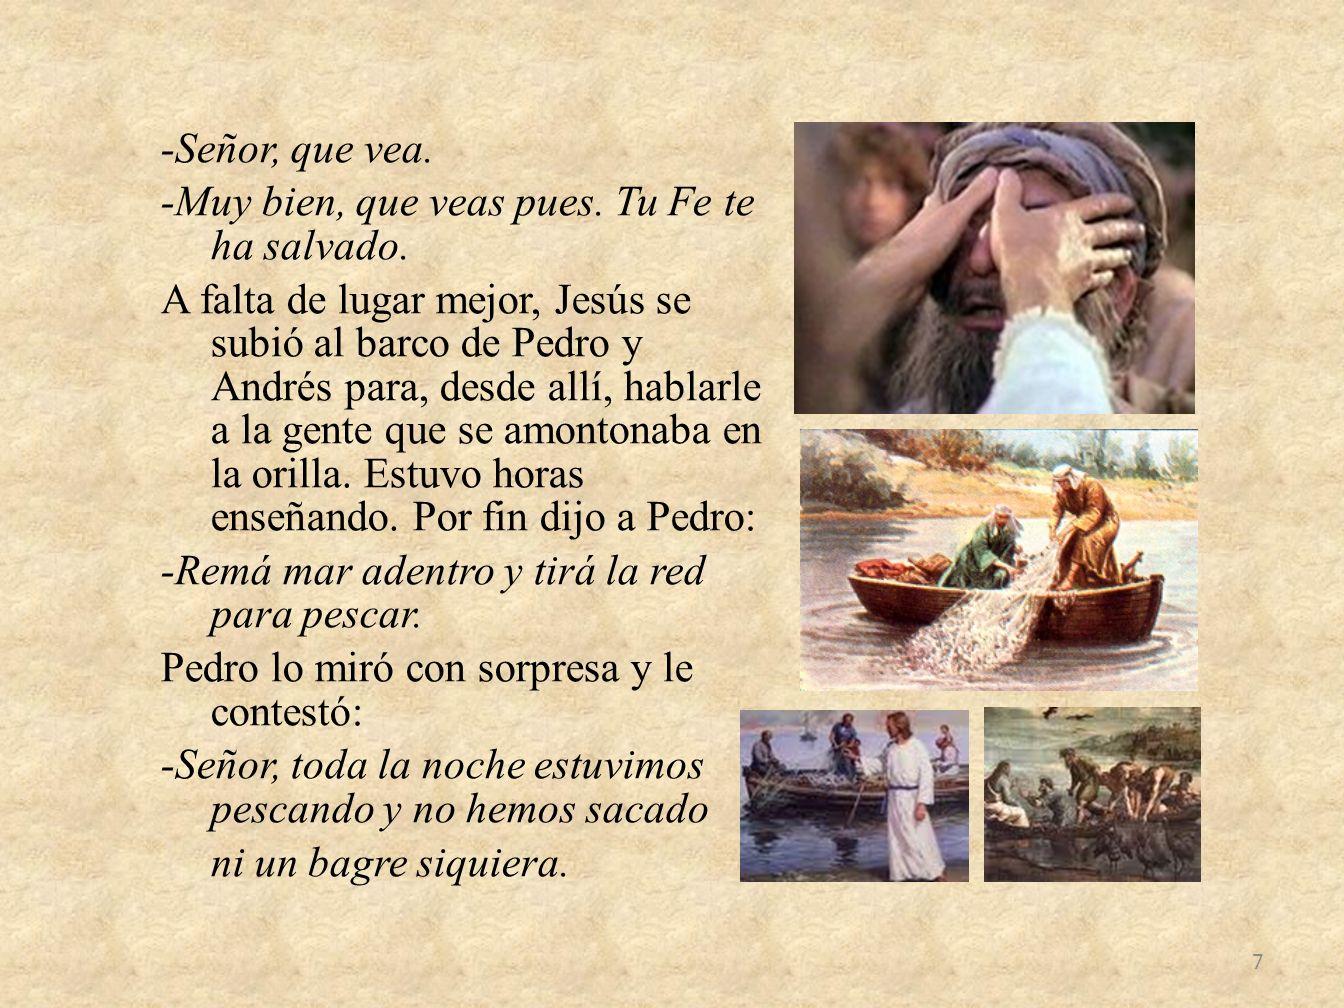 -Señor, que vea. -Muy bien, que veas pues. Tu Fe te ha salvado. A falta de lugar mejor, Jesús se subió al barco de Pedro y Andrés para, desde allí, ha